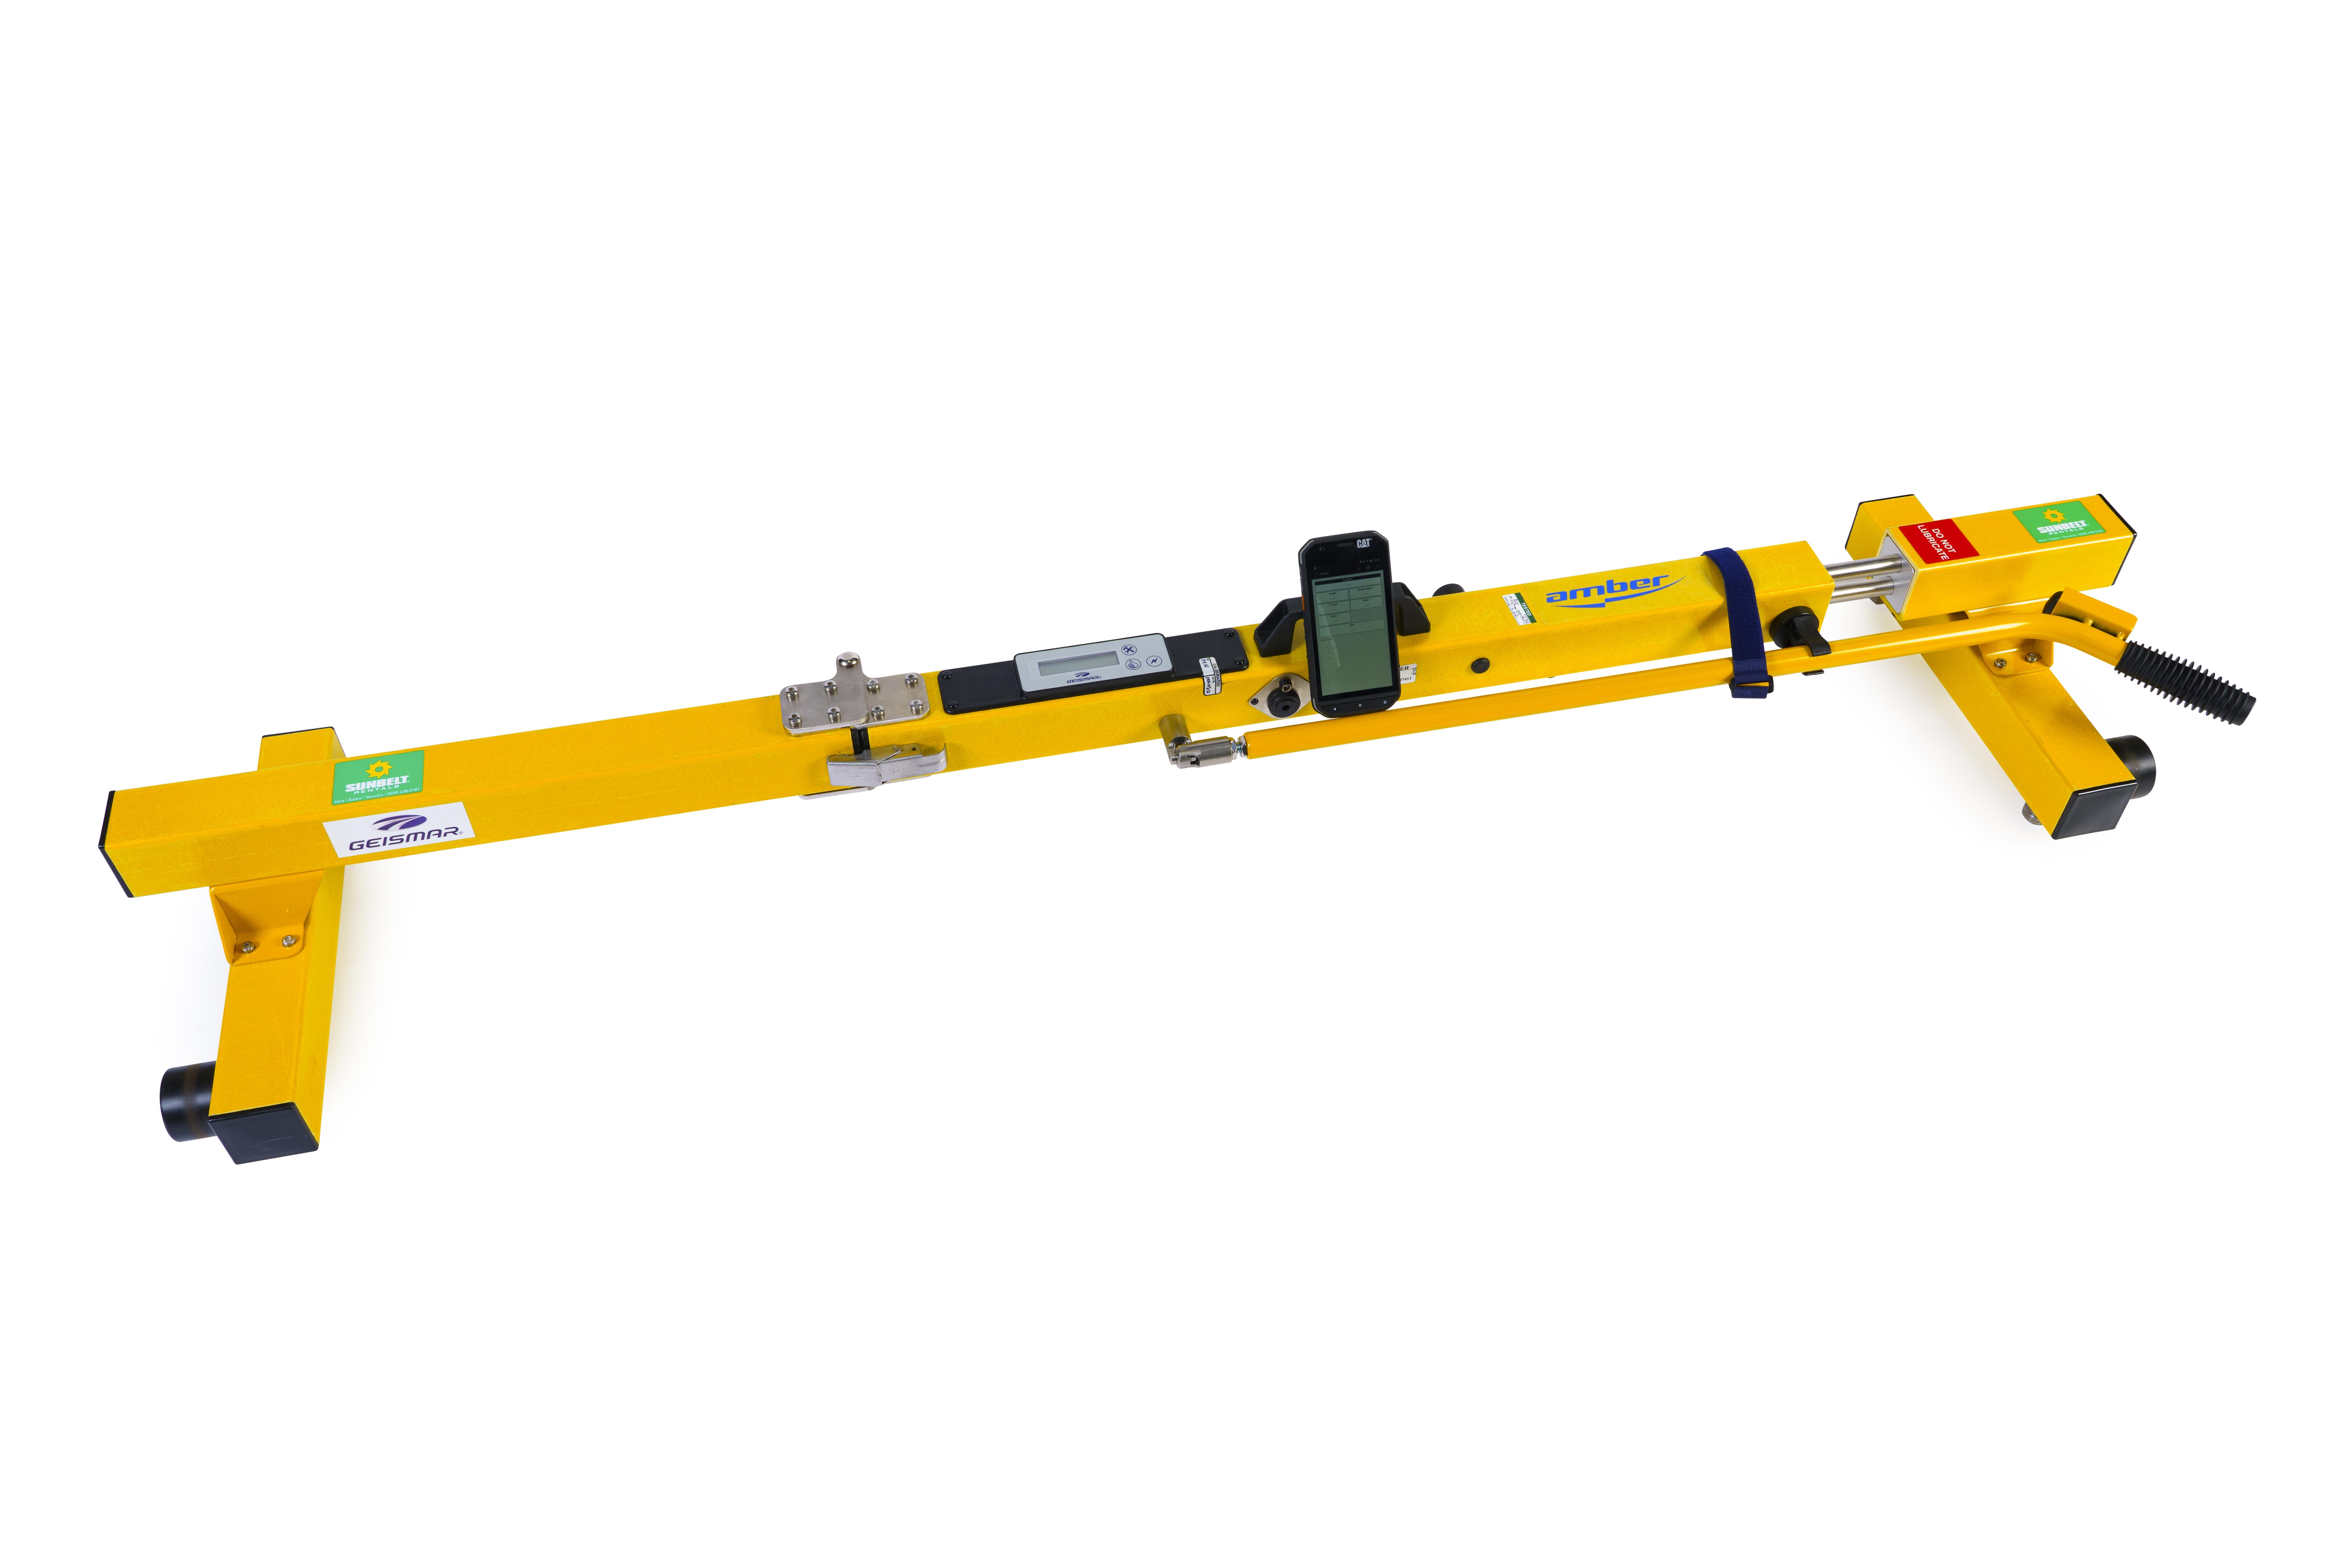 159010 Geismar Amber Track Rec